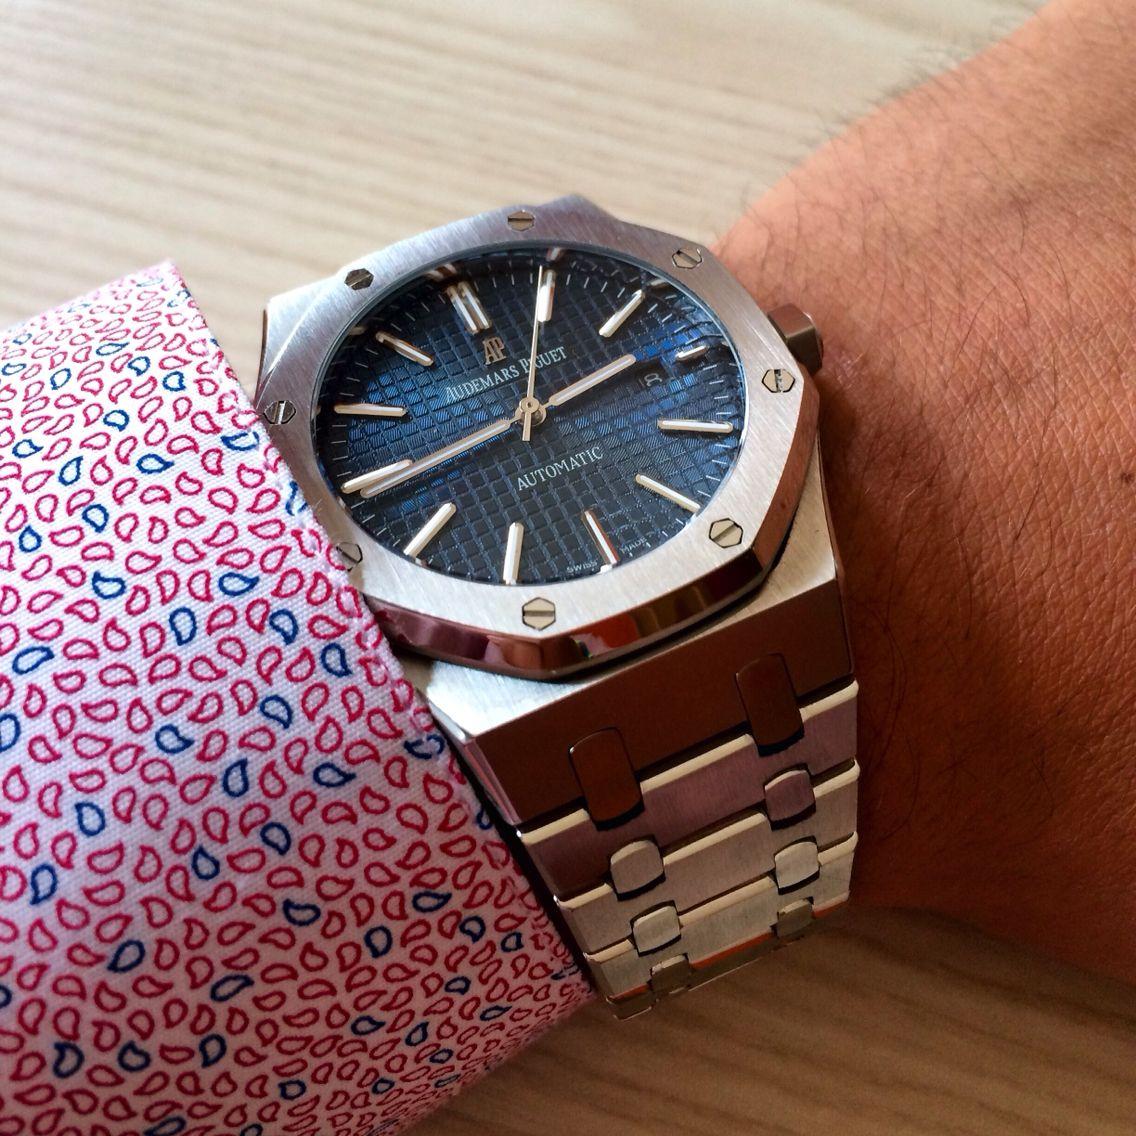 Audemars piguet royal oak 15400 steel blue dial